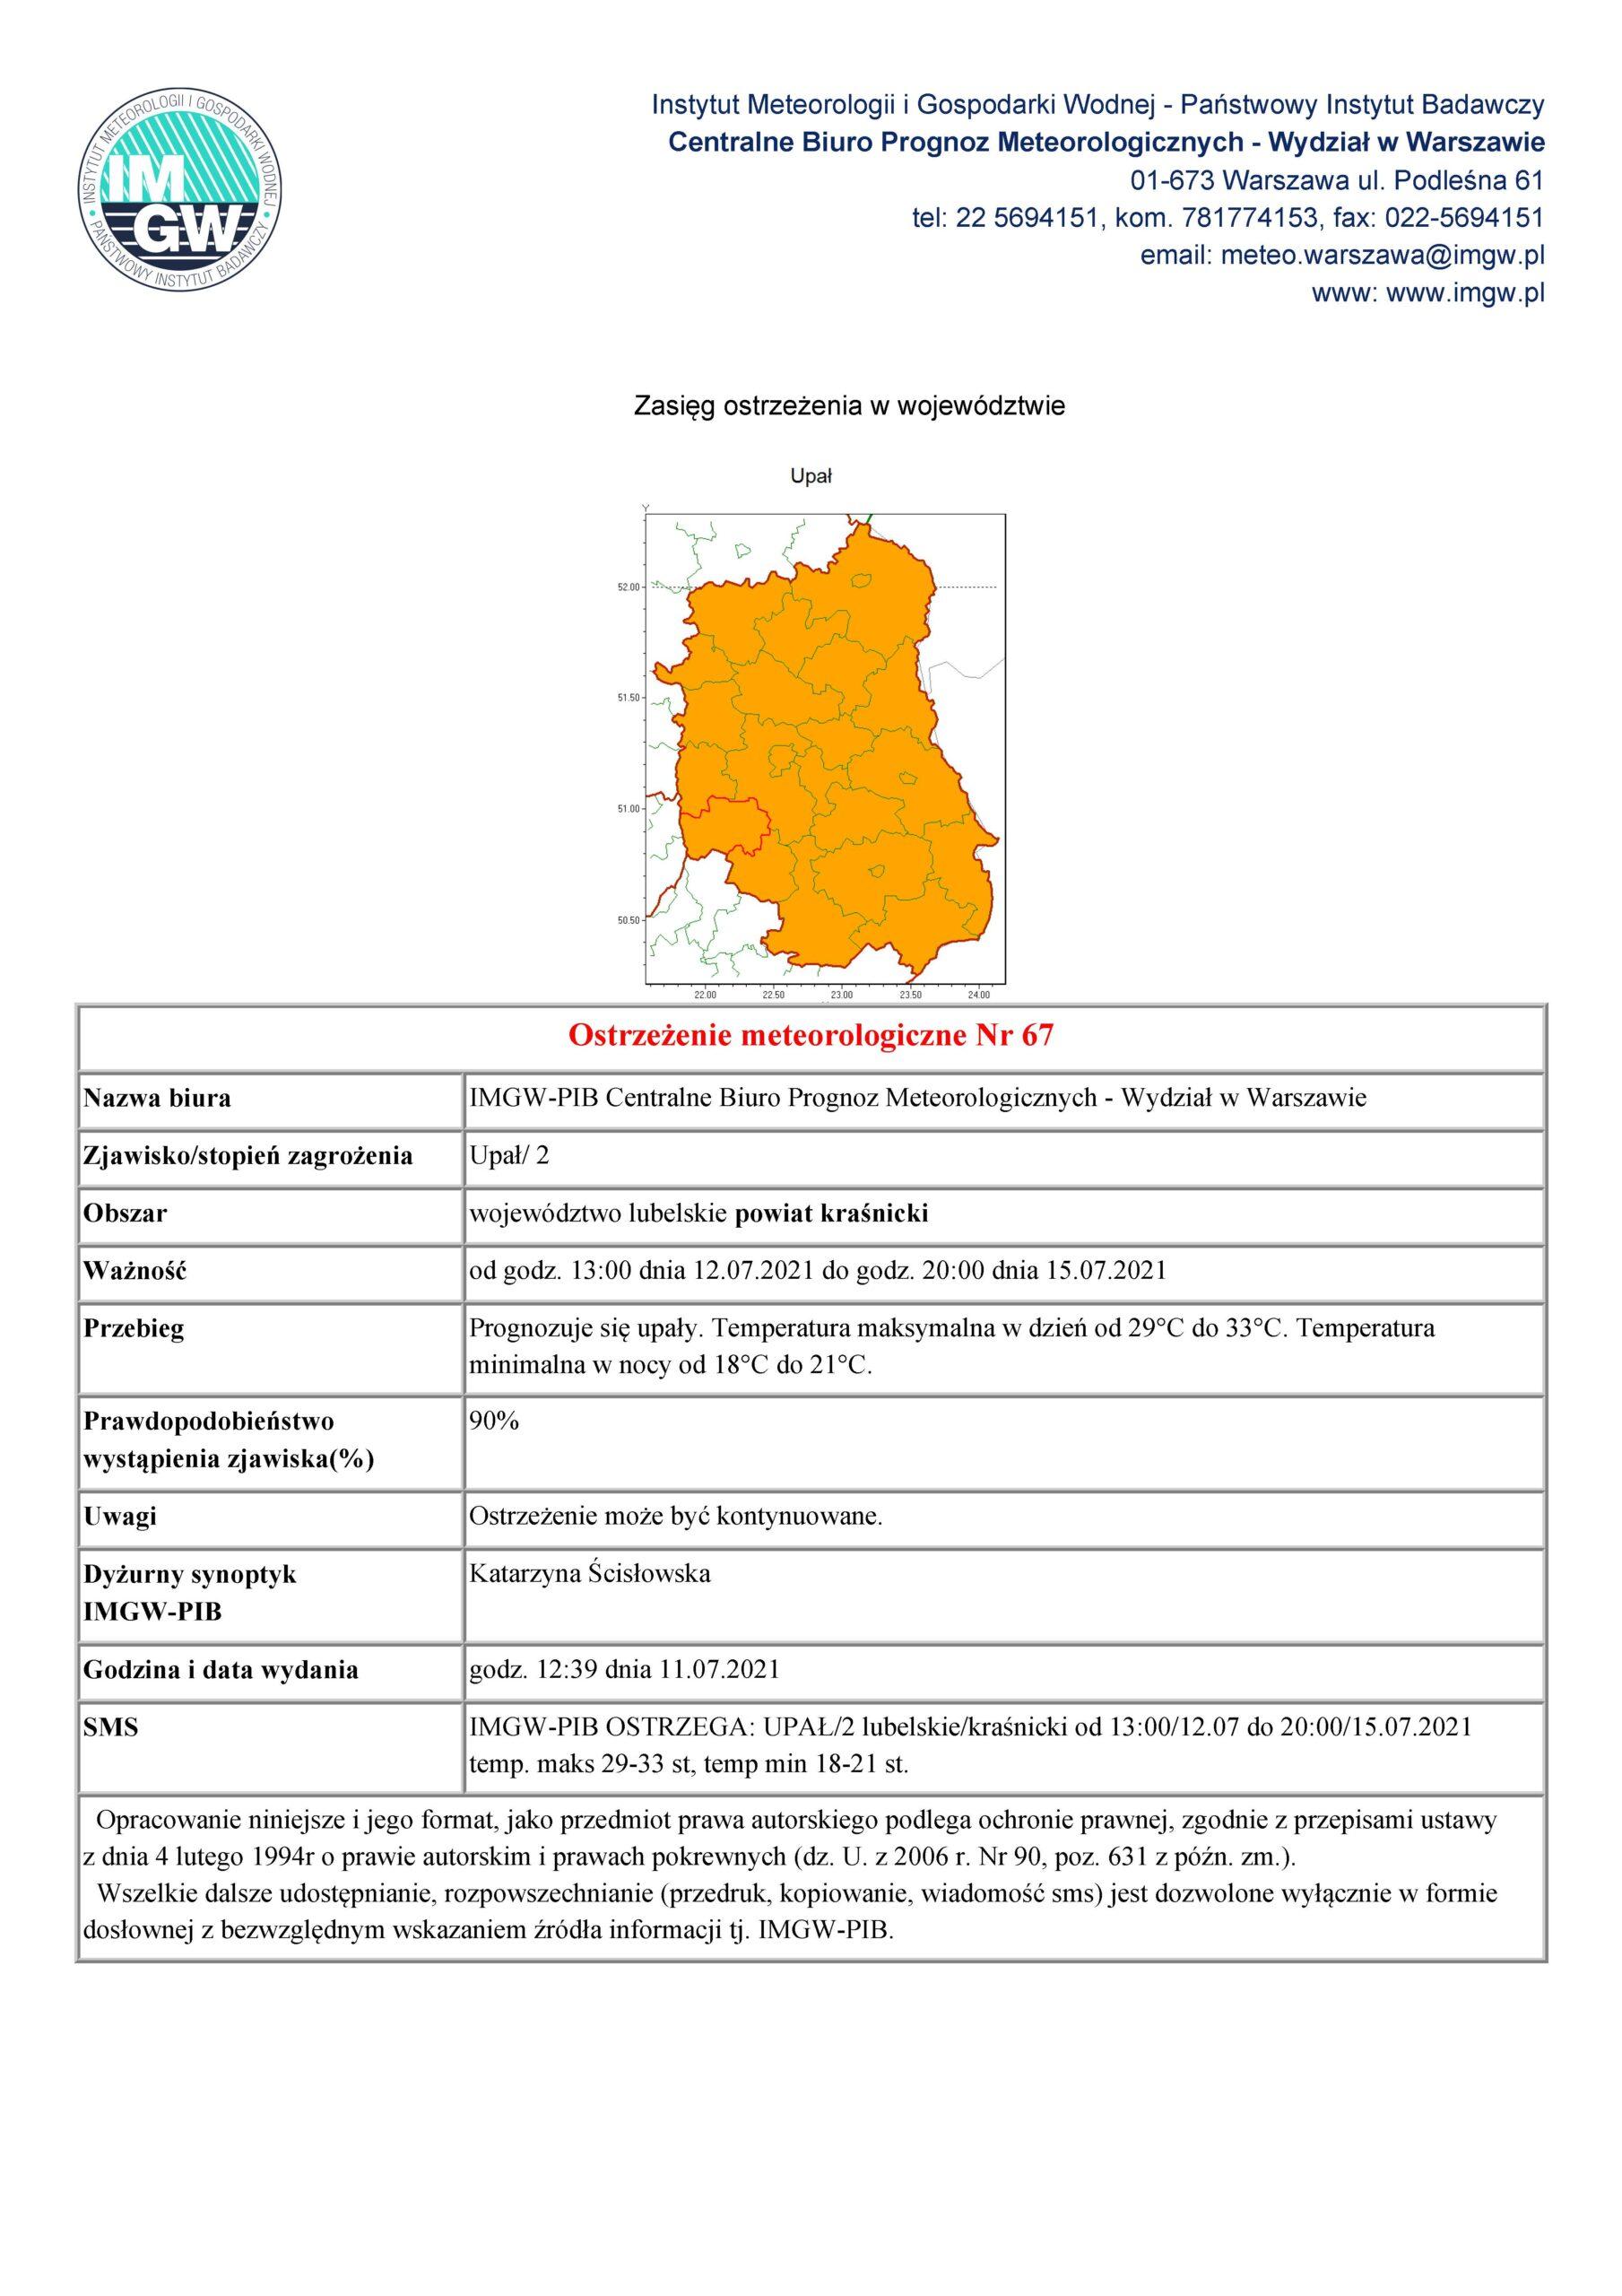 Ostrzeżenie meteorologiczne Nr 67 z dnia 11.07.2021 r.